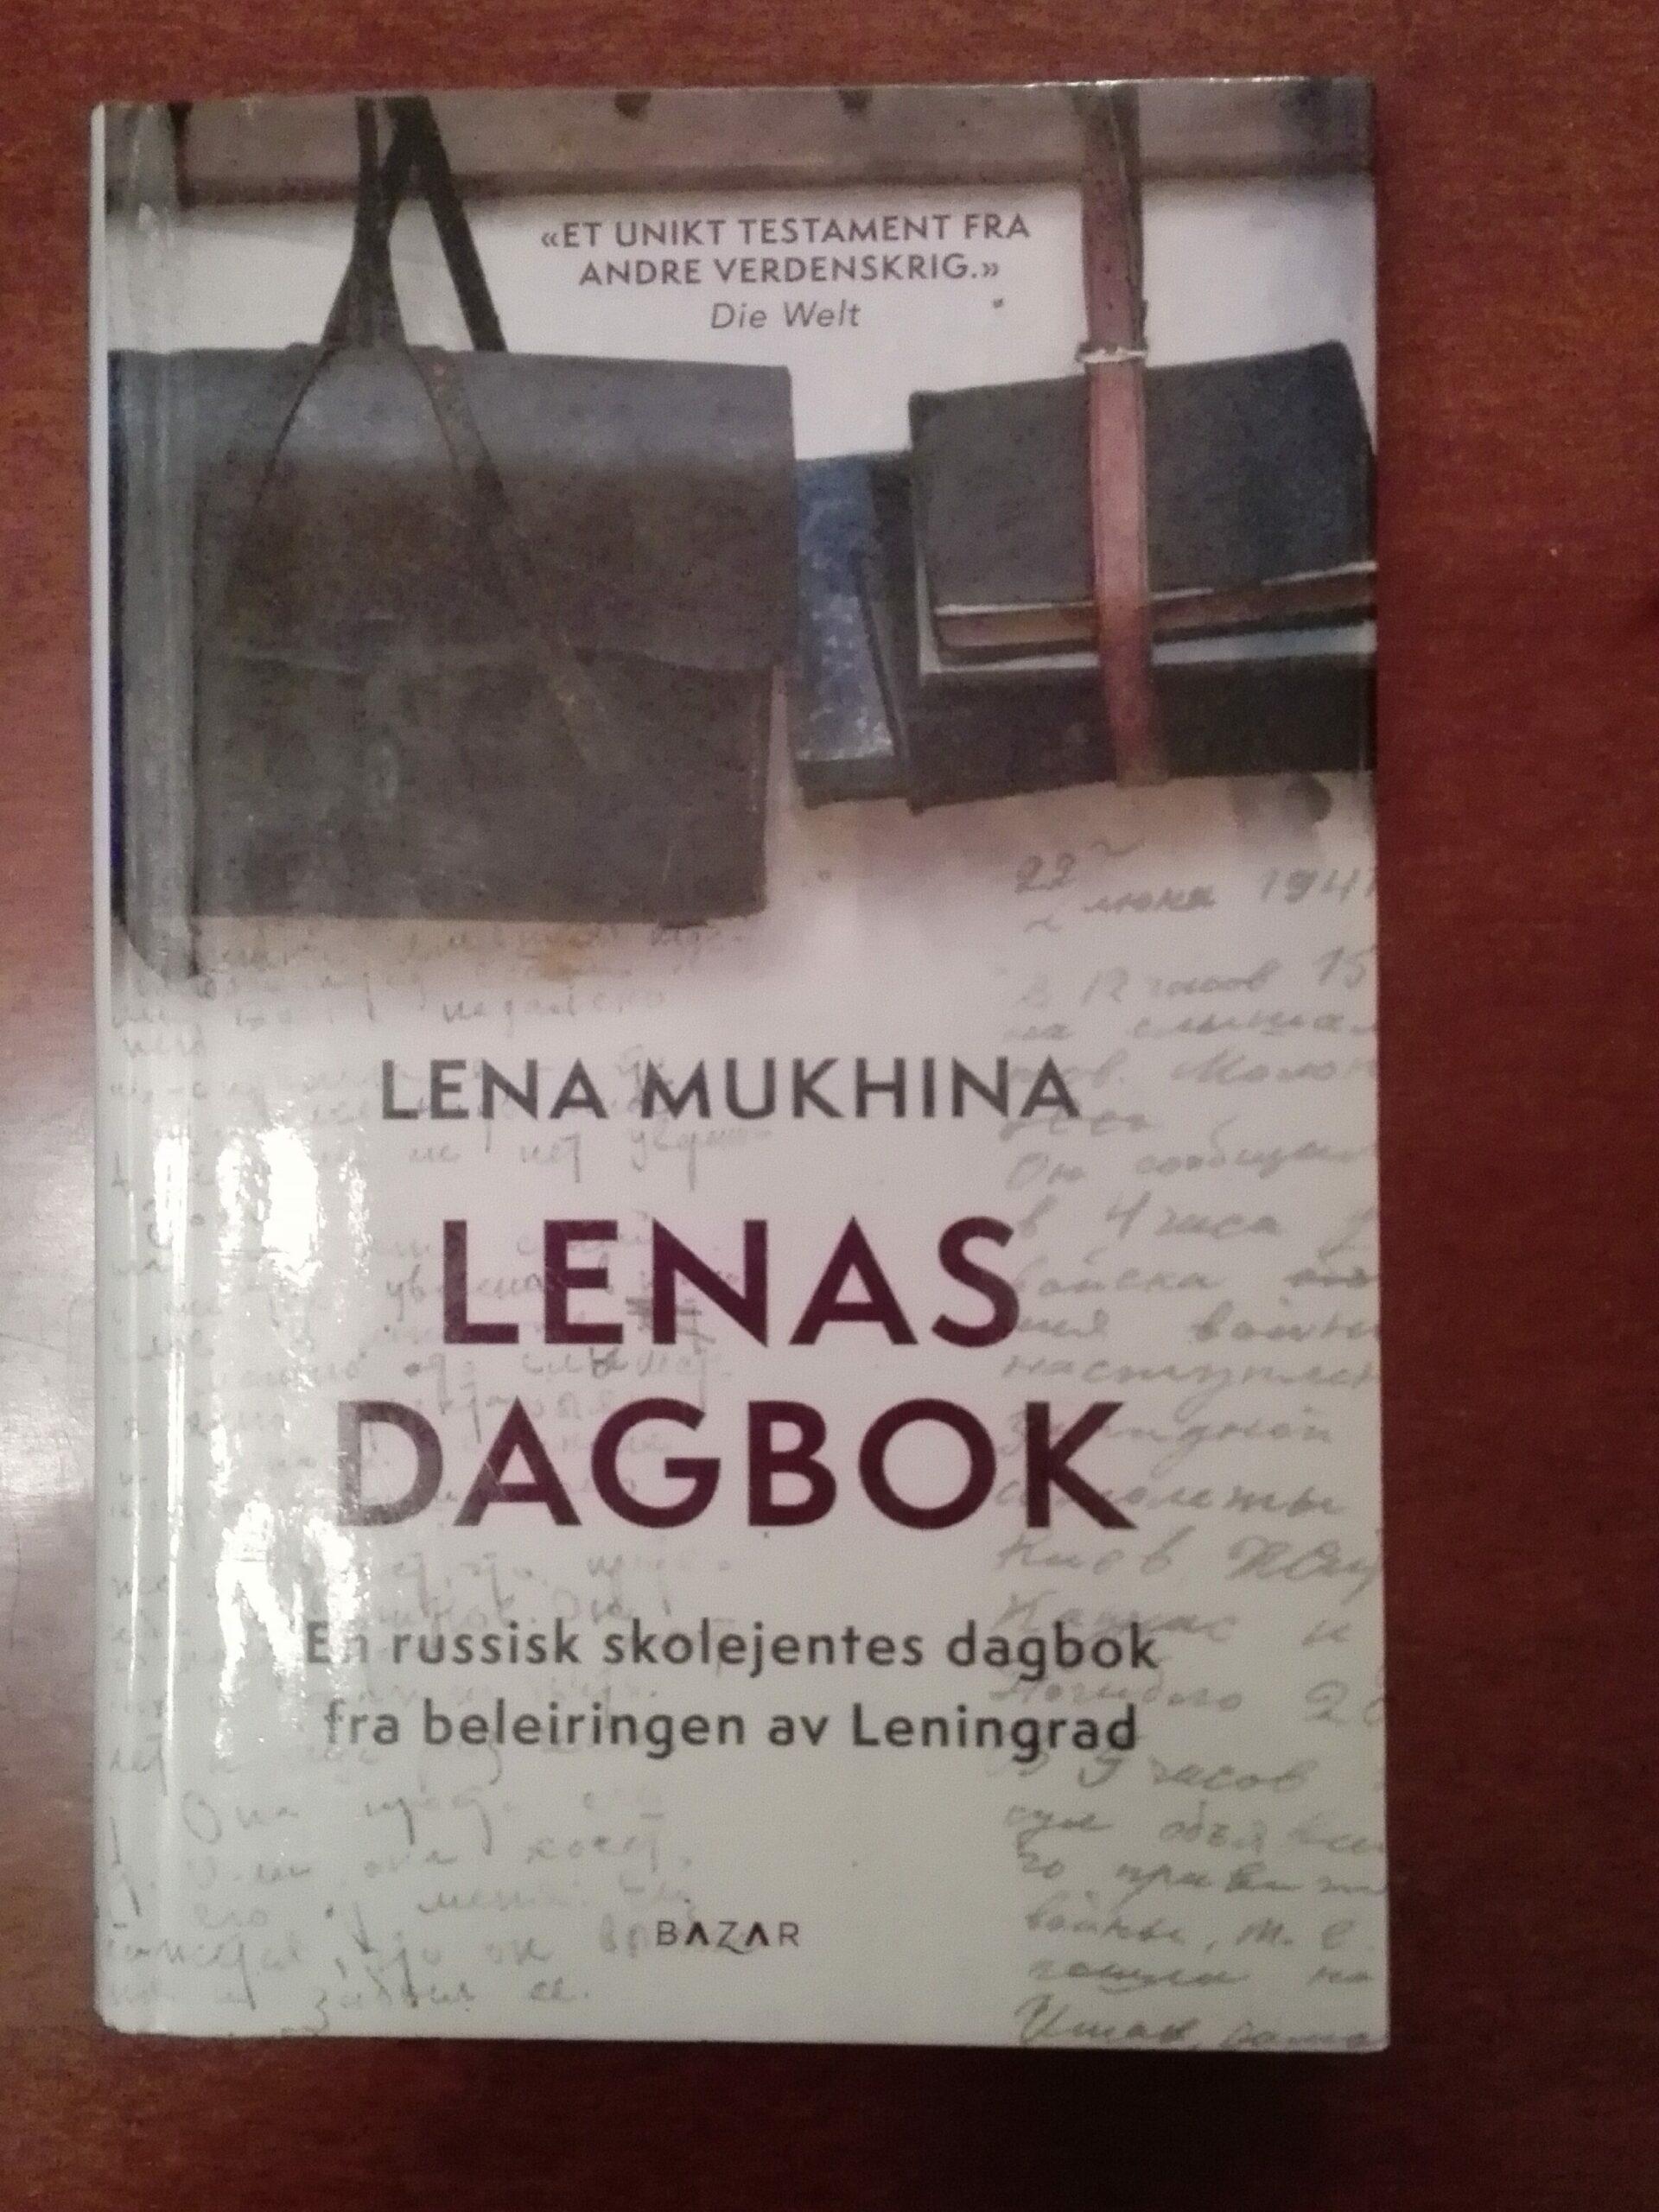 Fotografi av boka Lenas dagbok av Lena Mukhinam ed undertittel En russisk skoleentes dagbok fra beleiringen av Leningrad. Omslaget viser en veske og noen bøker.